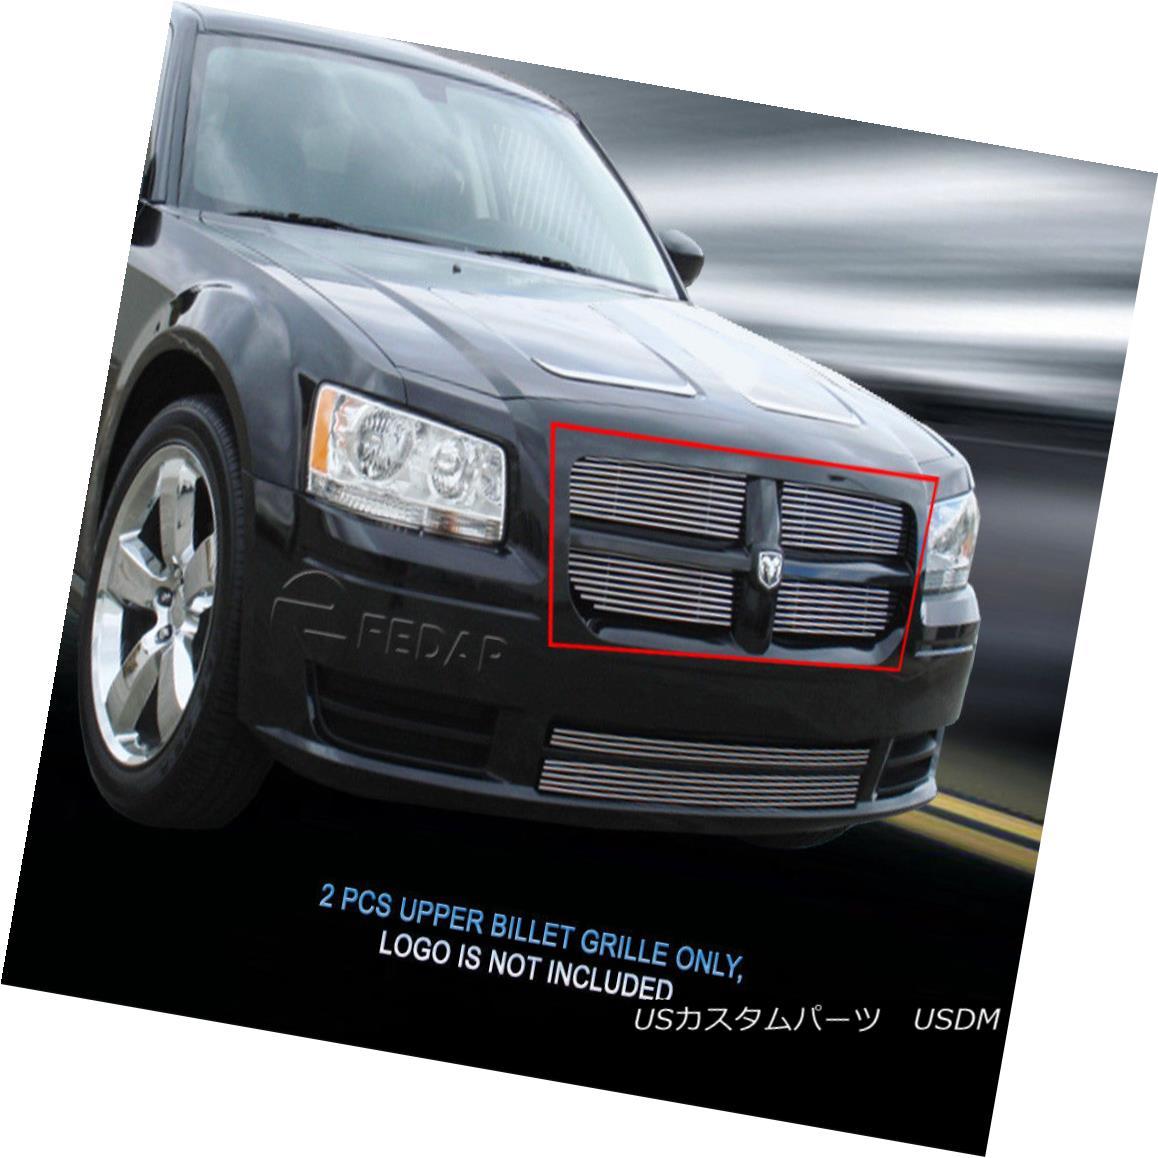 グリル 2008-2010 Dodge Magnum Billet Grille Upper Grill Insert 2 Pcs Fedar 2008-2010ダッジマグナムビレットグリルアッパーグリルインサート2個入りFedar